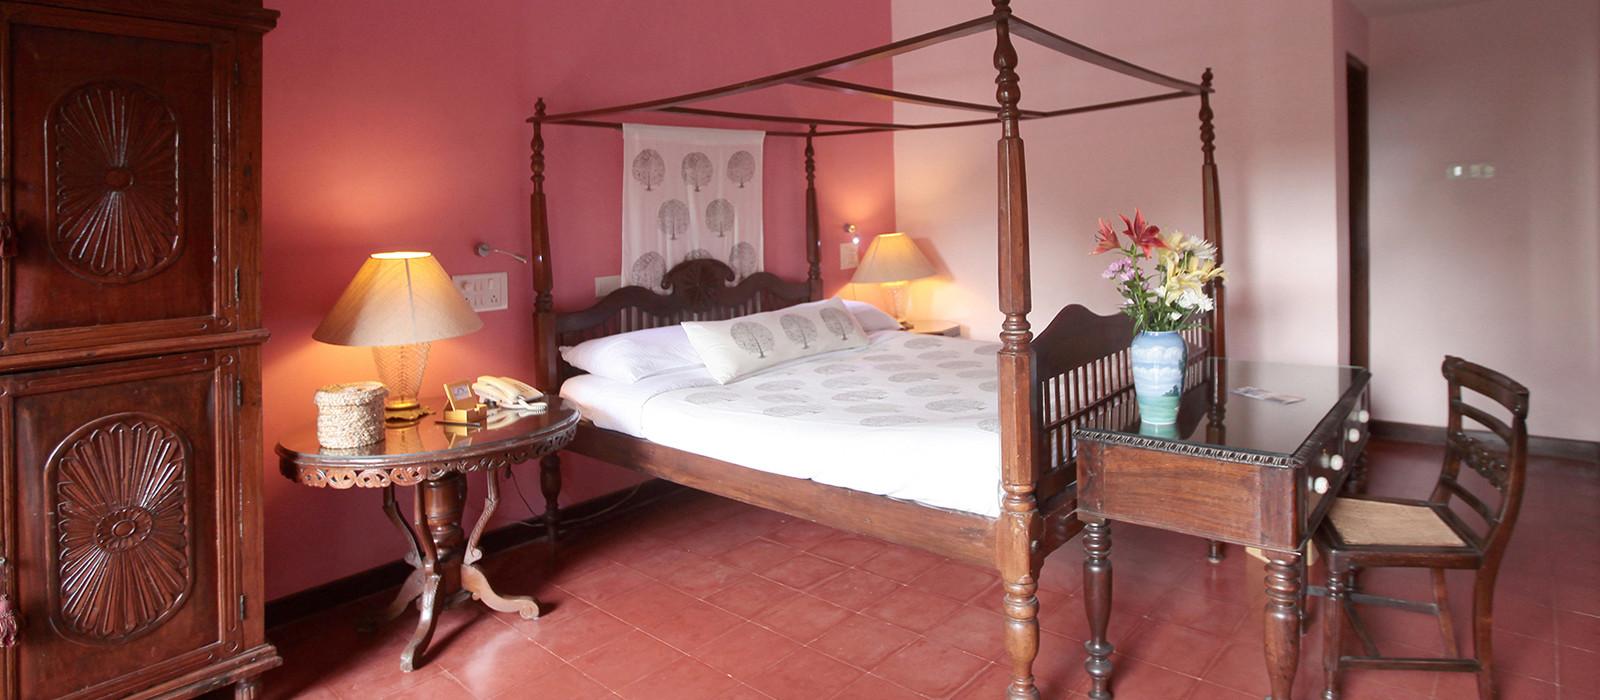 Hotel Presa di Goa Islands & Beaches